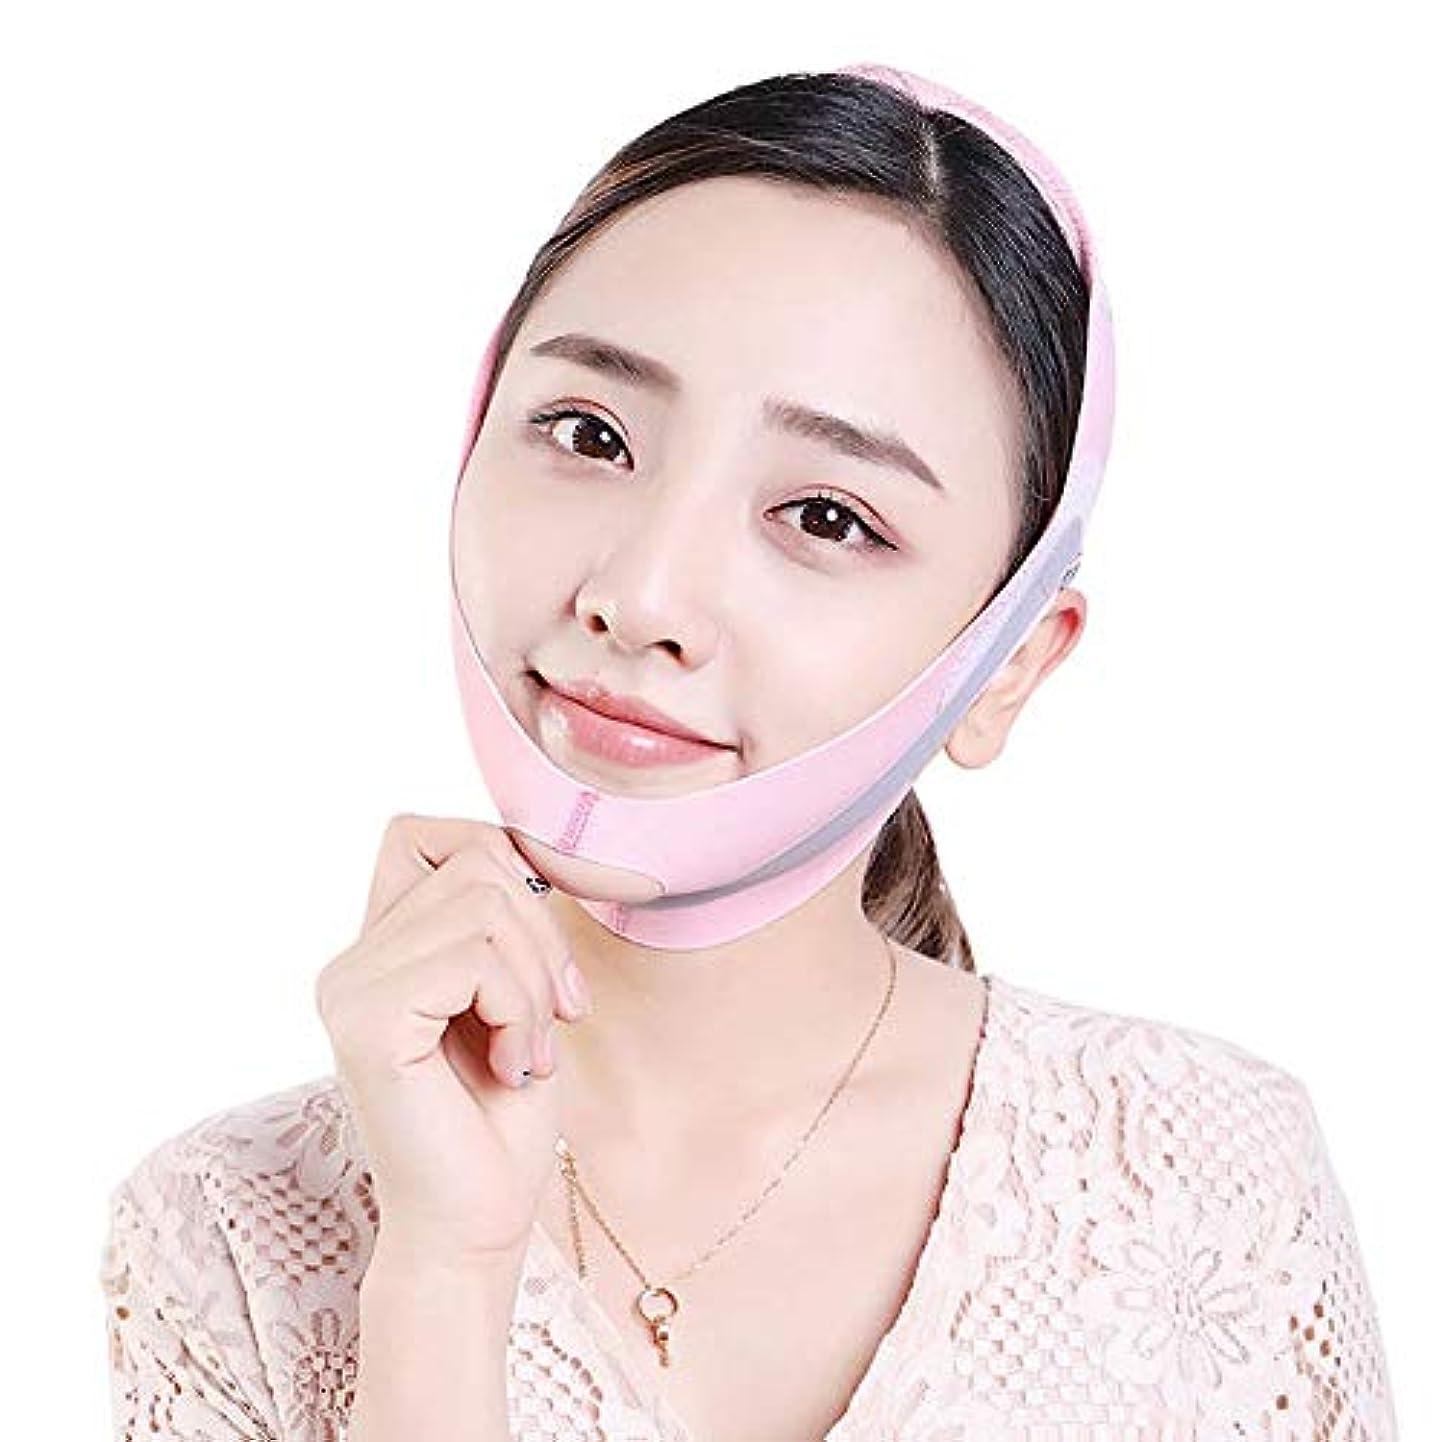 カポック安定しました献身たるみを防ぐために顔を持ち上げるために筋肉を引き締めるために二重あごのステッカーとラインを削除するために、顔を持ち上げるアーティファクト包帯があります - ピンク